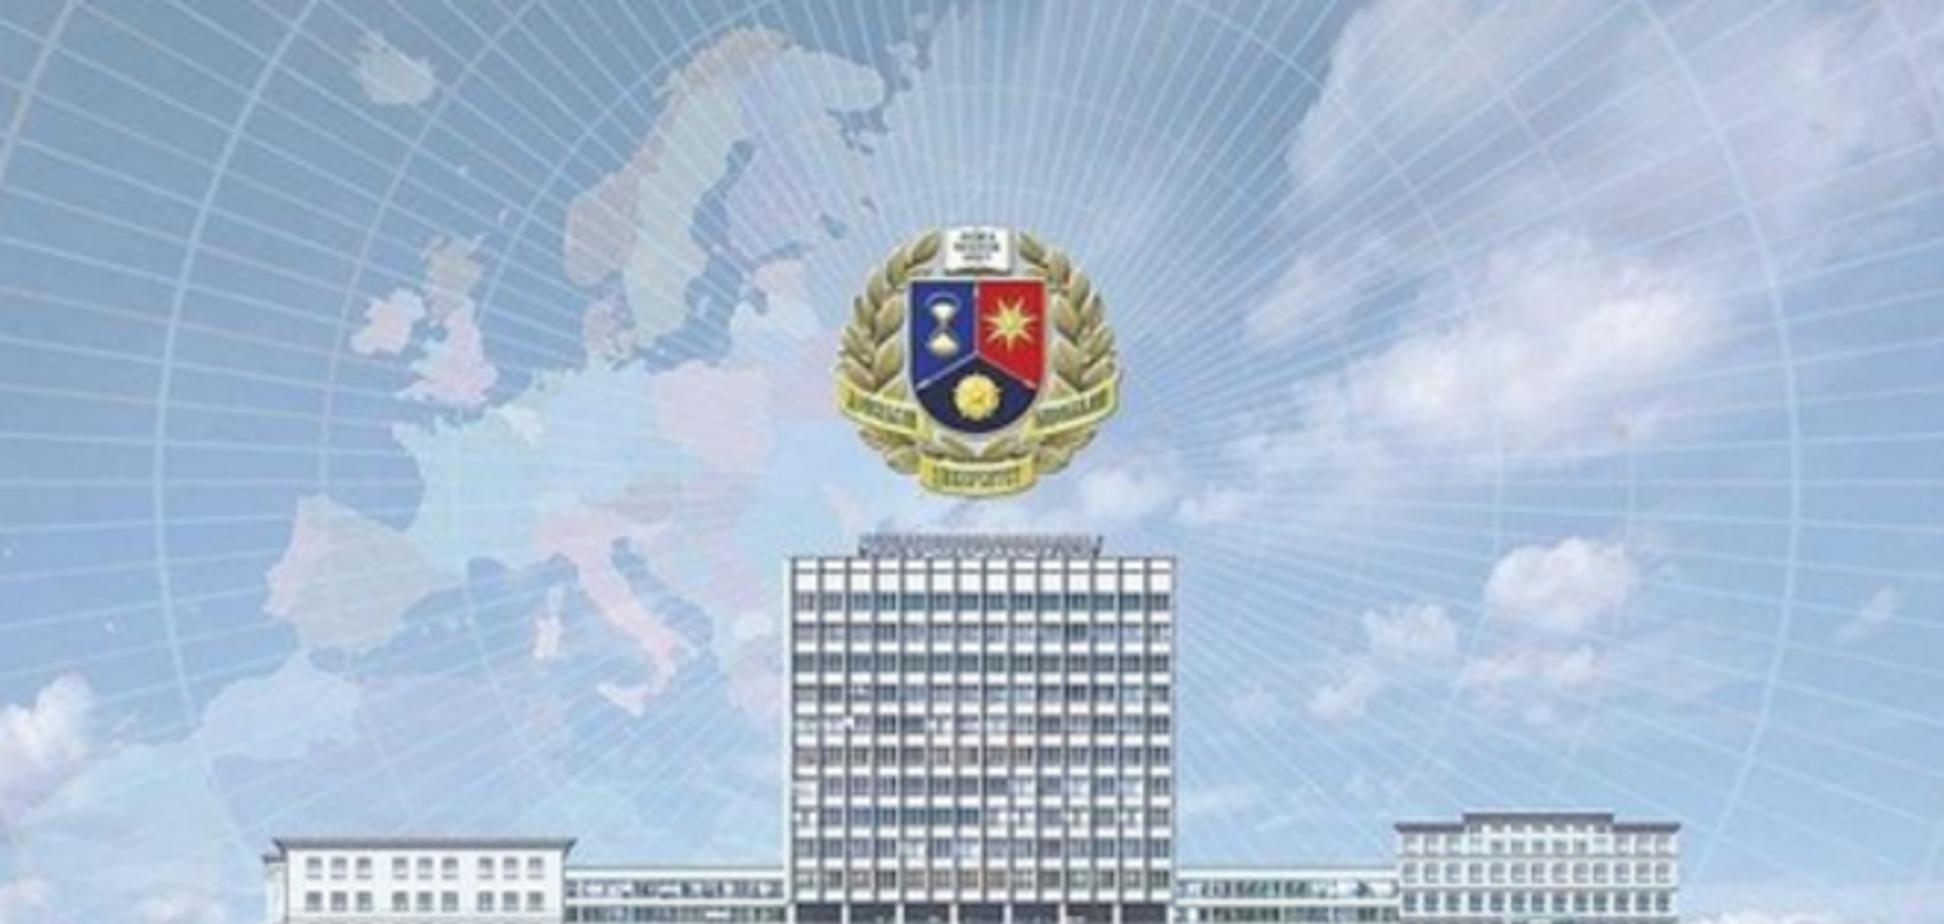 'Министр образования ДНР' угрожает сажать в подвалы преподавателей, сомневающихся в законности дипломов